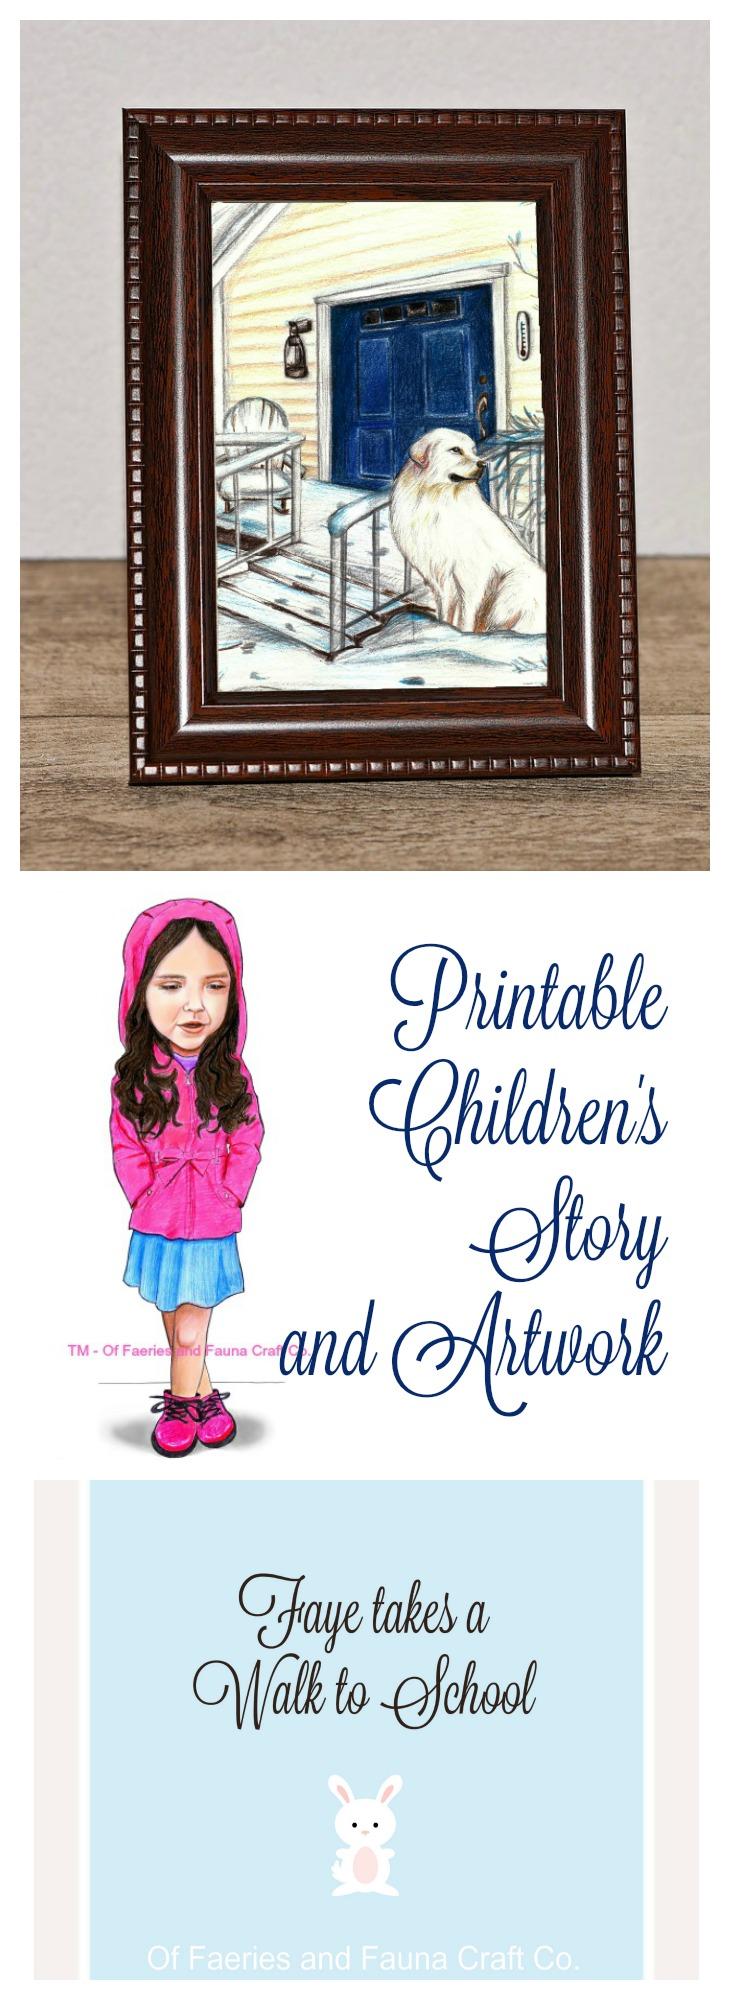 Childrens story, Printable for children.